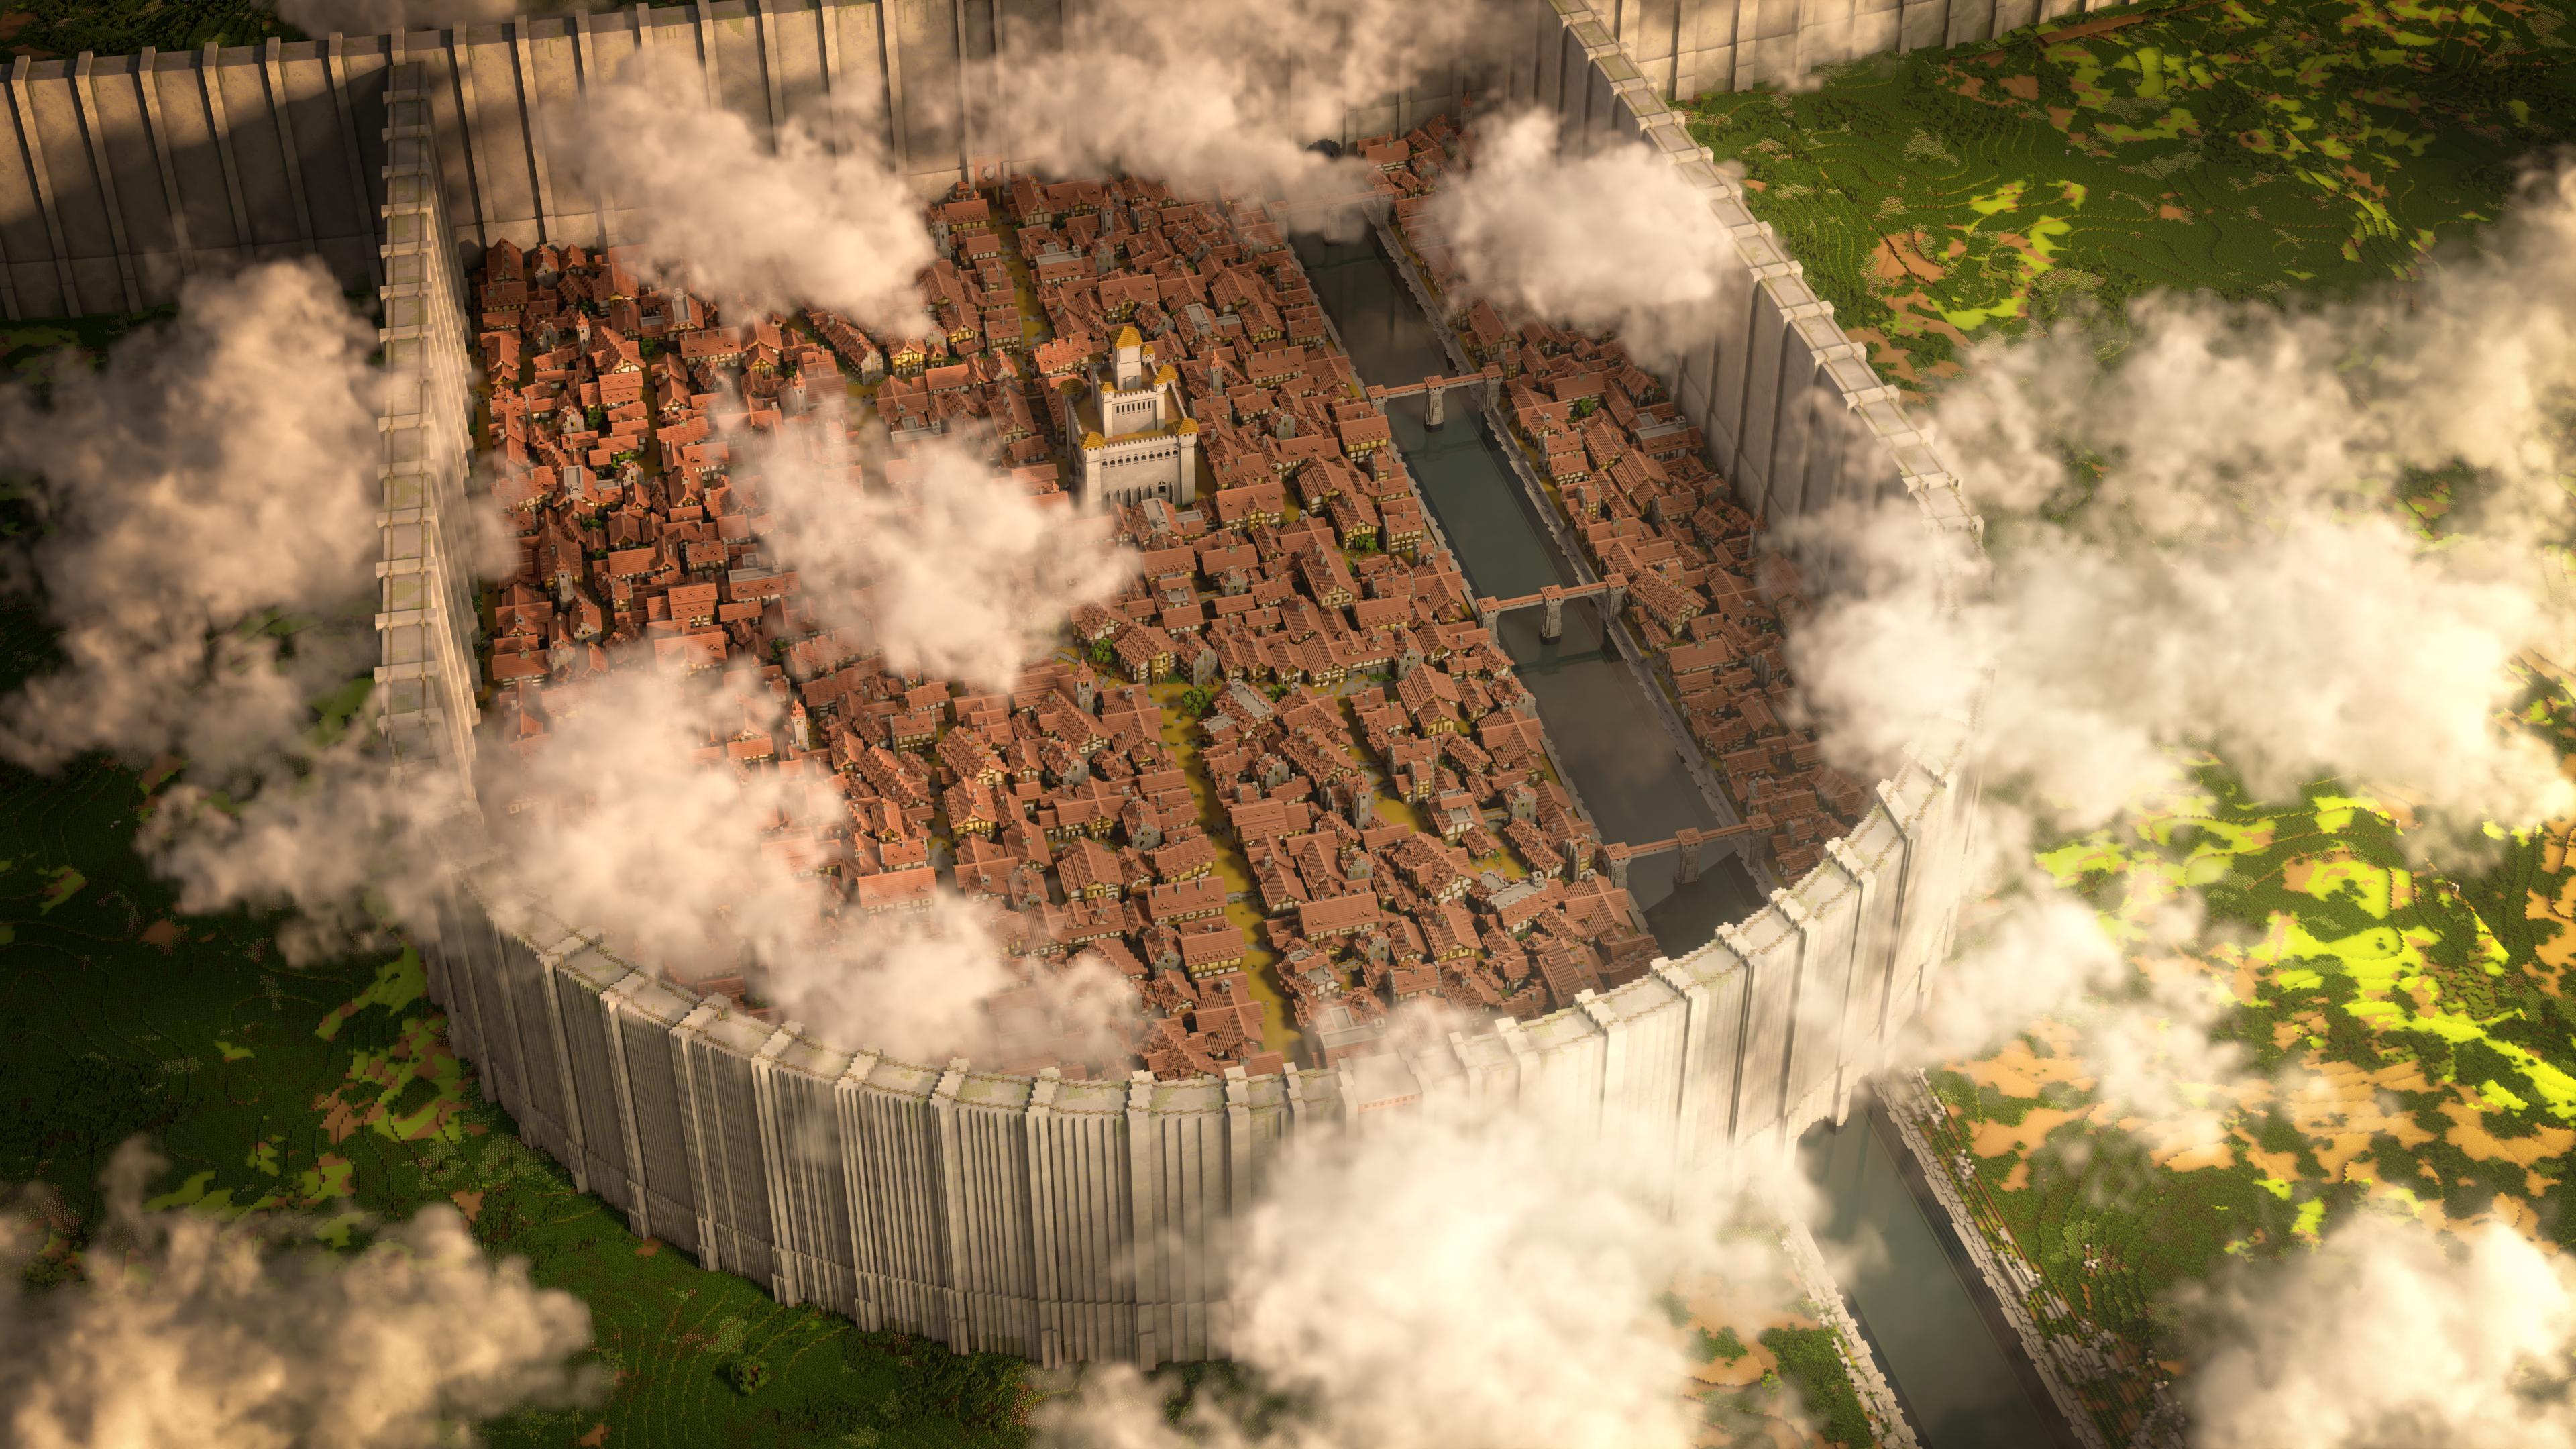 Игрок воссоздал в Minecraft город из аниме «Атака титанов» в масштабе один к одному